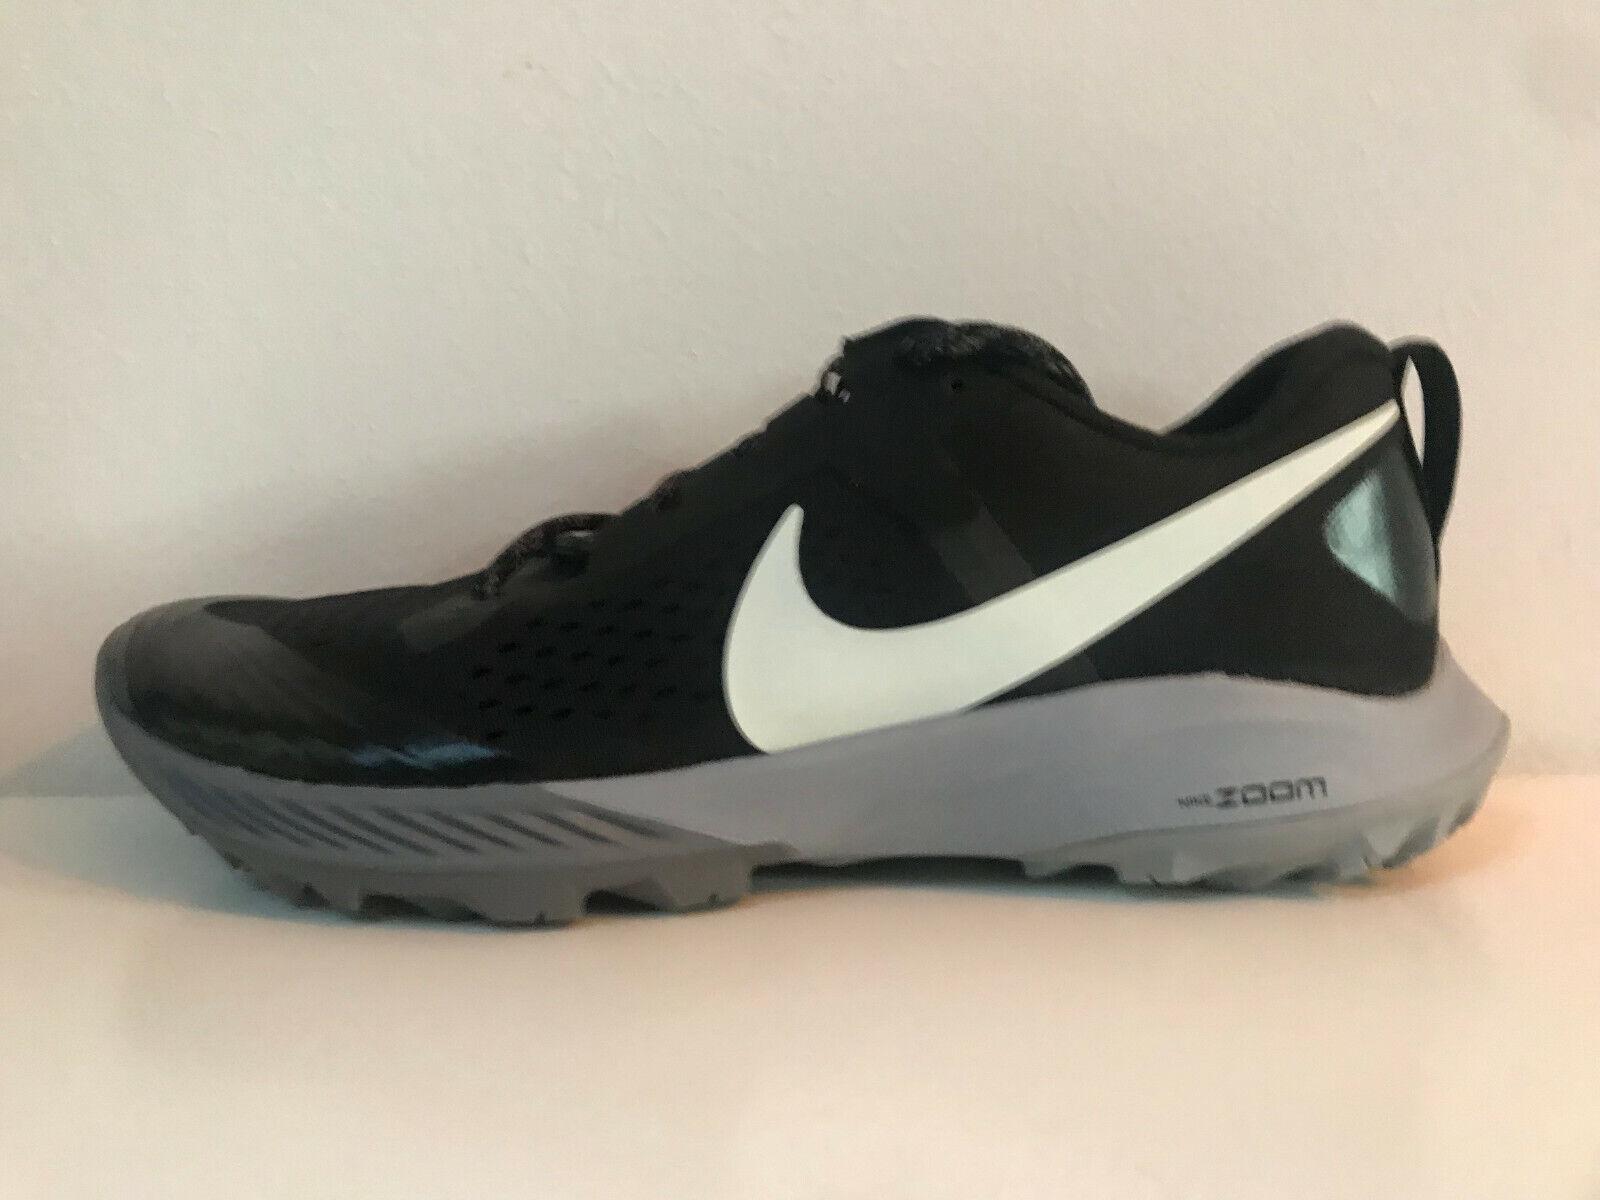 Nike Air Zoom Terra Kiger 5 Herrenschuhe Neu Gr. 42,5 (AQ2219-001) Trail